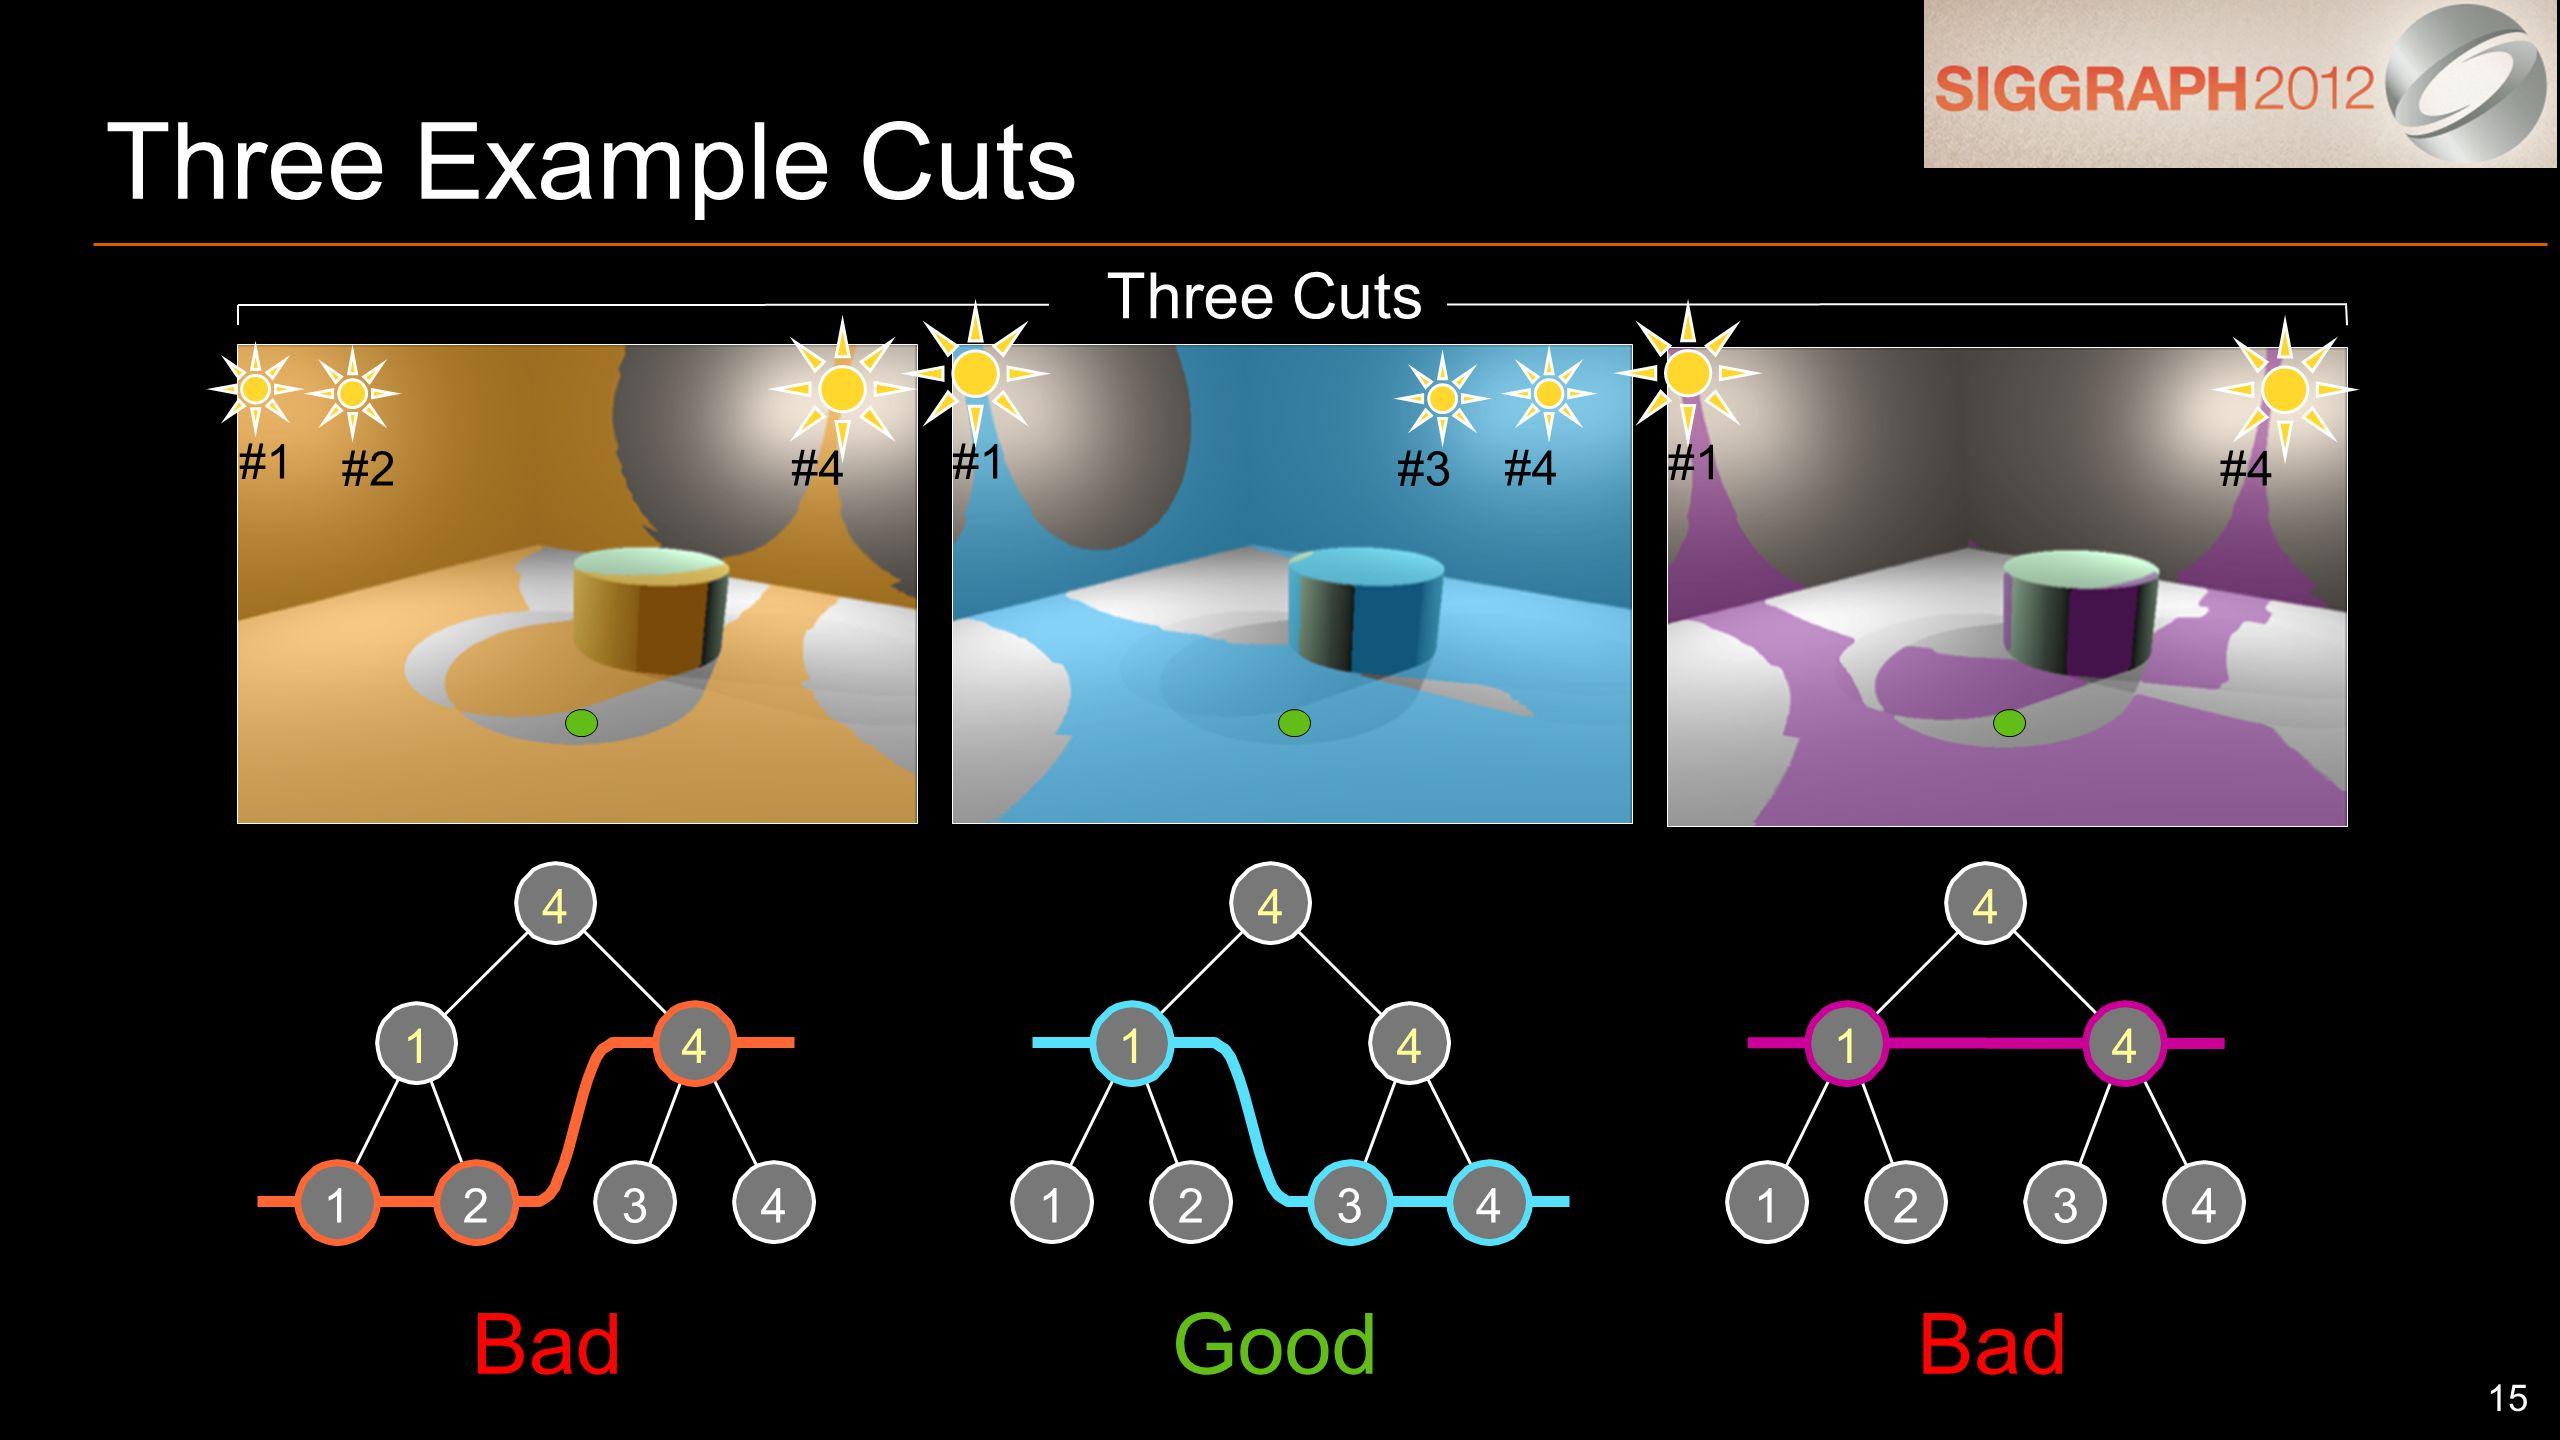 15 Three Example Cuts 1234 14 4 1234 14 4 1234 14 4 Three Cuts #1 #2 #4 #1 #3 #4 #1 #4 BadGoodBad